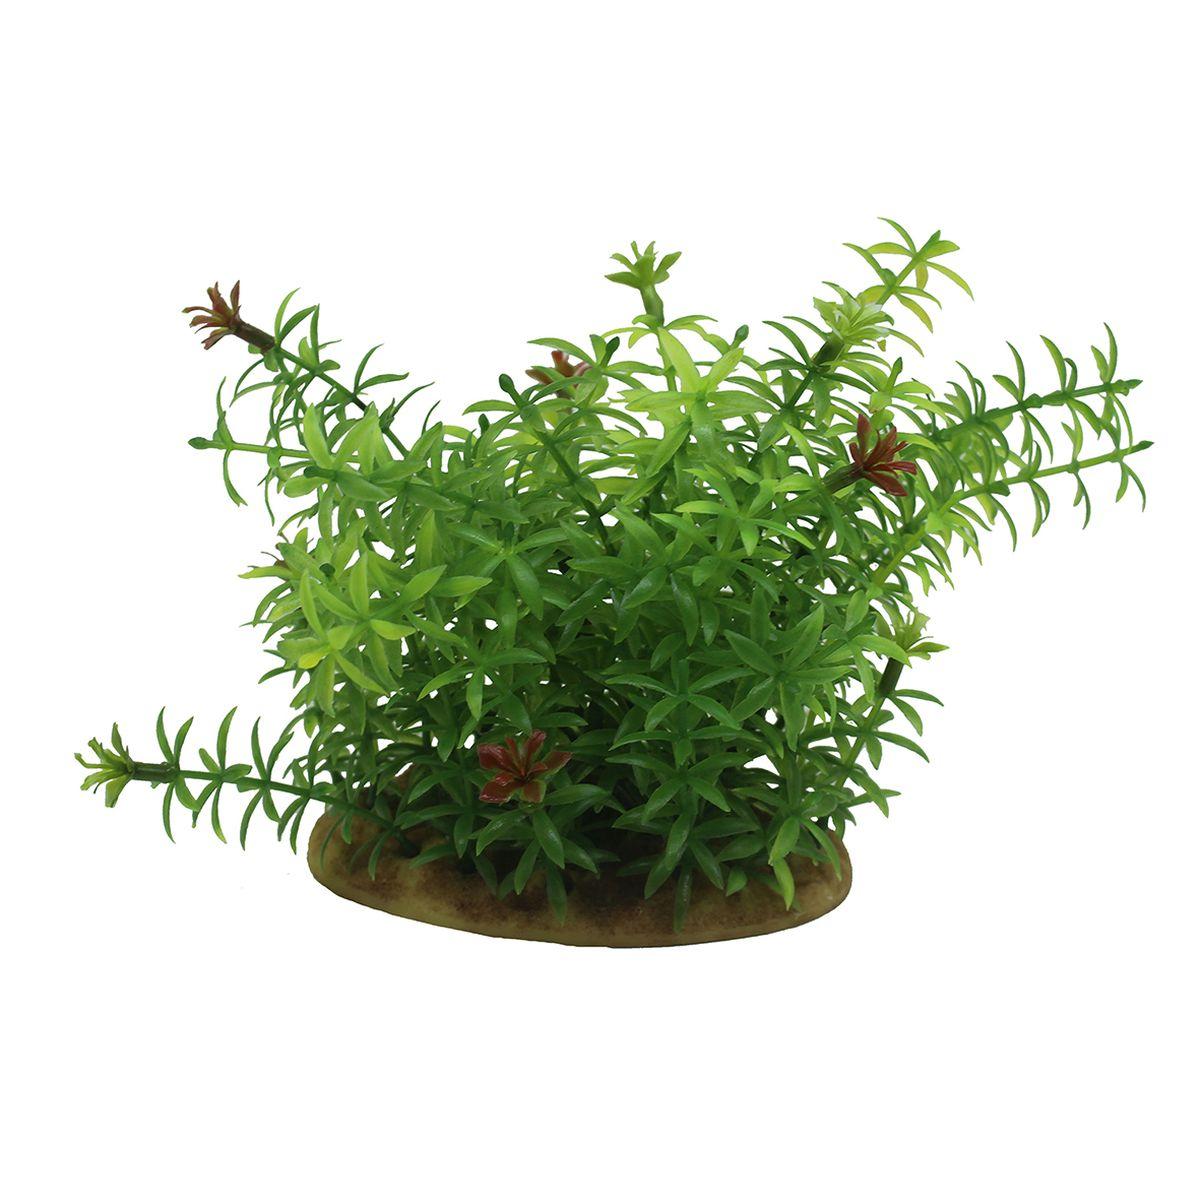 Растение для аквариума ArtUniq Элодея, высота 15 см0120710Композиция из искусственных растений ArtUniq превосходно украсит и оживит аквариум.Растения - это важная часть любой композиции, они помогут вдохнуть жизнь в ландшафт любого аквариума или террариума. А их сходствос природными порадует даже самых взыскательных ценителей.